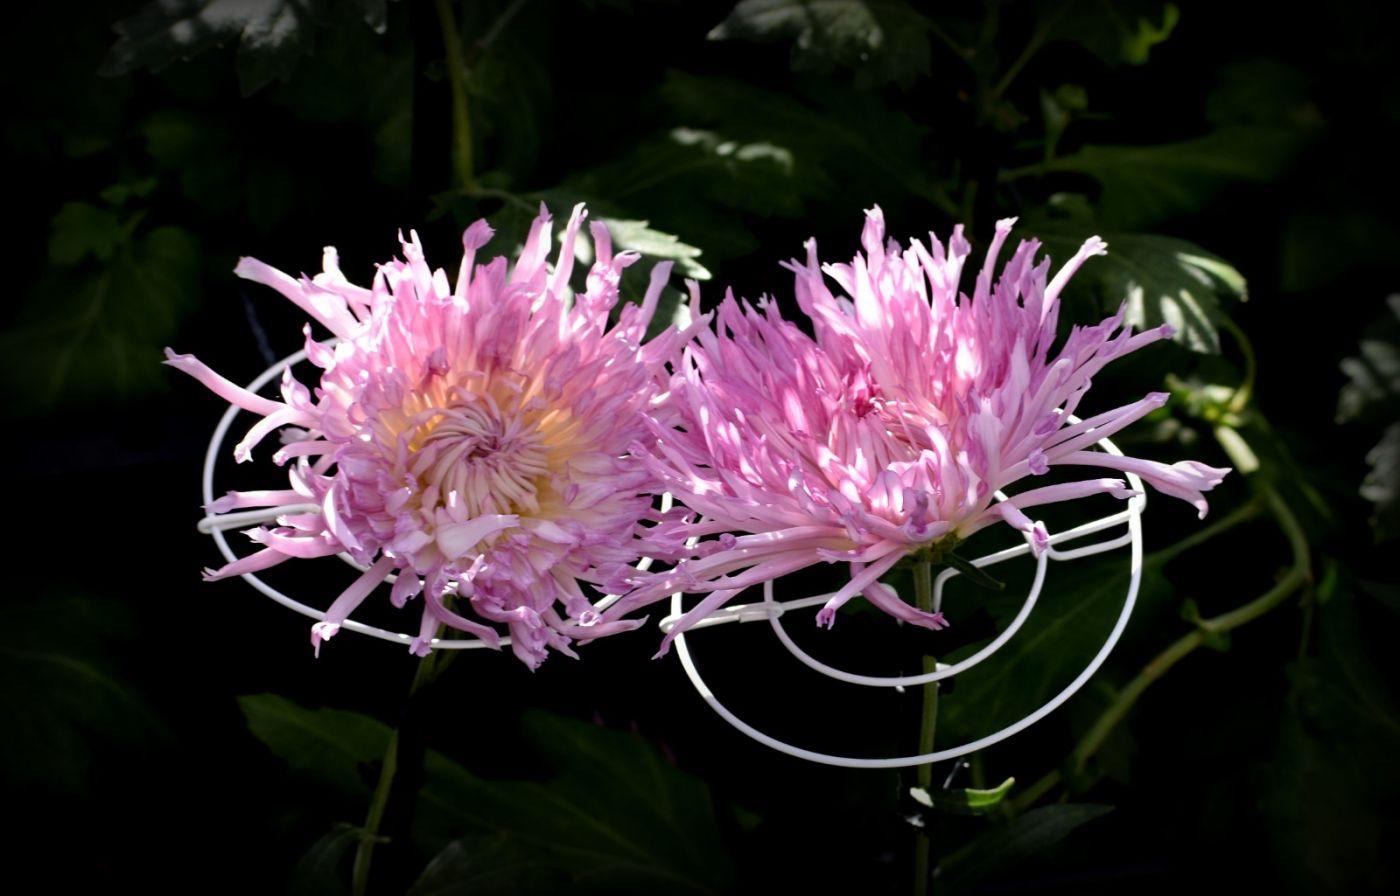 植物园日本菊花展_图1-24